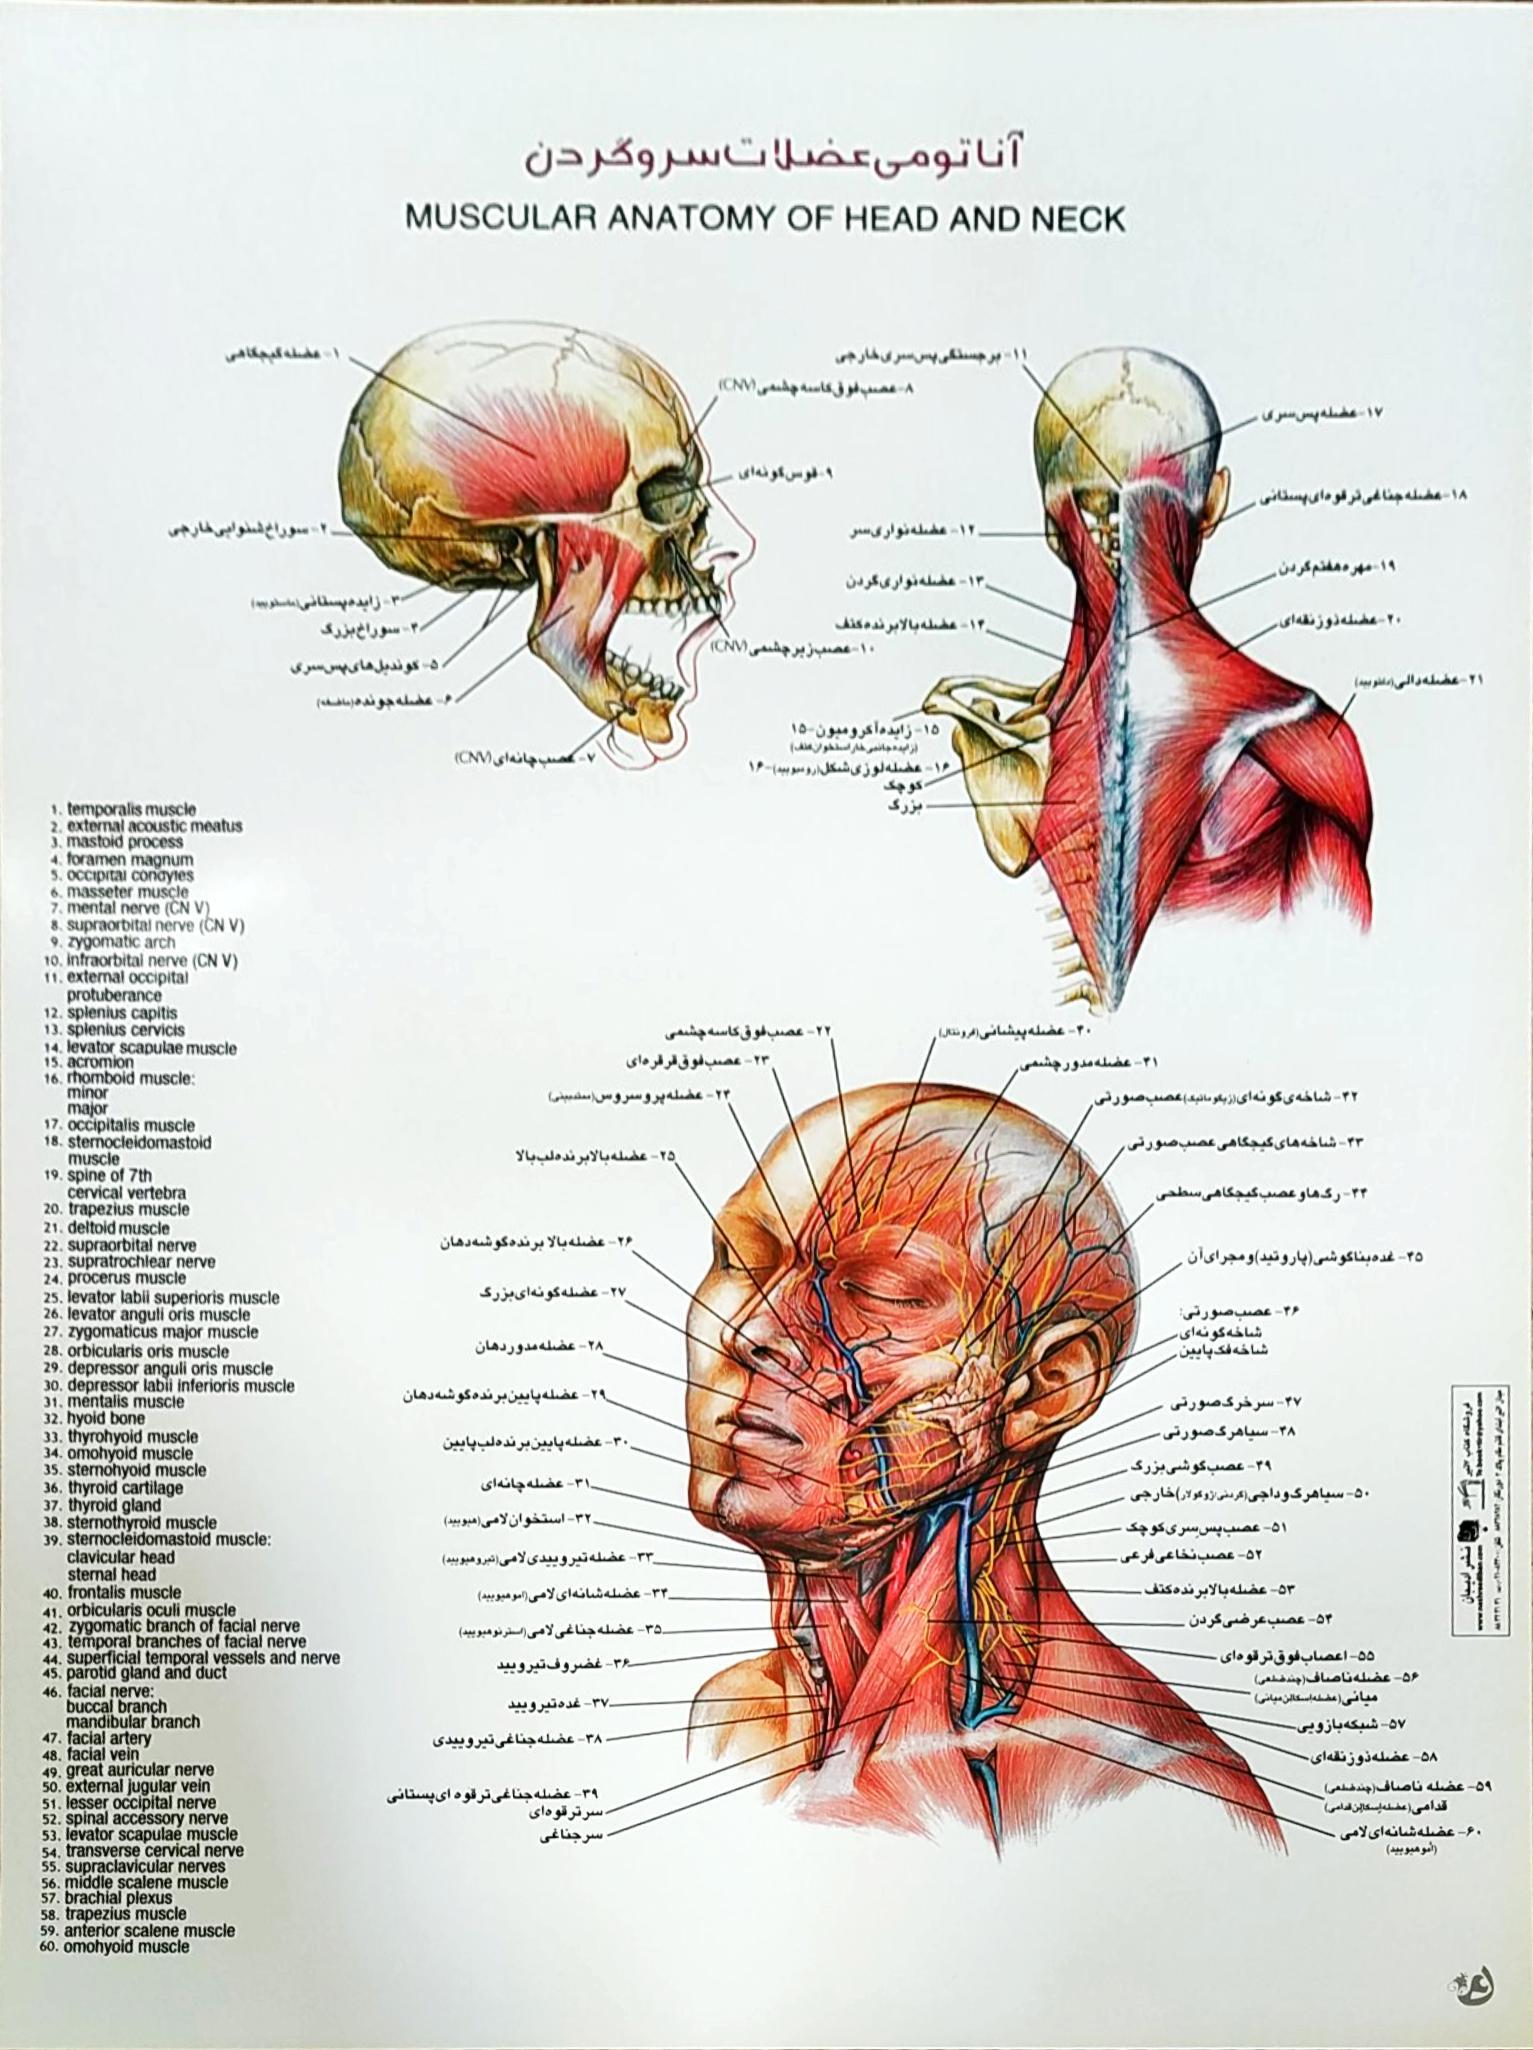 پوستر آناتومی عضلات سر و گردن